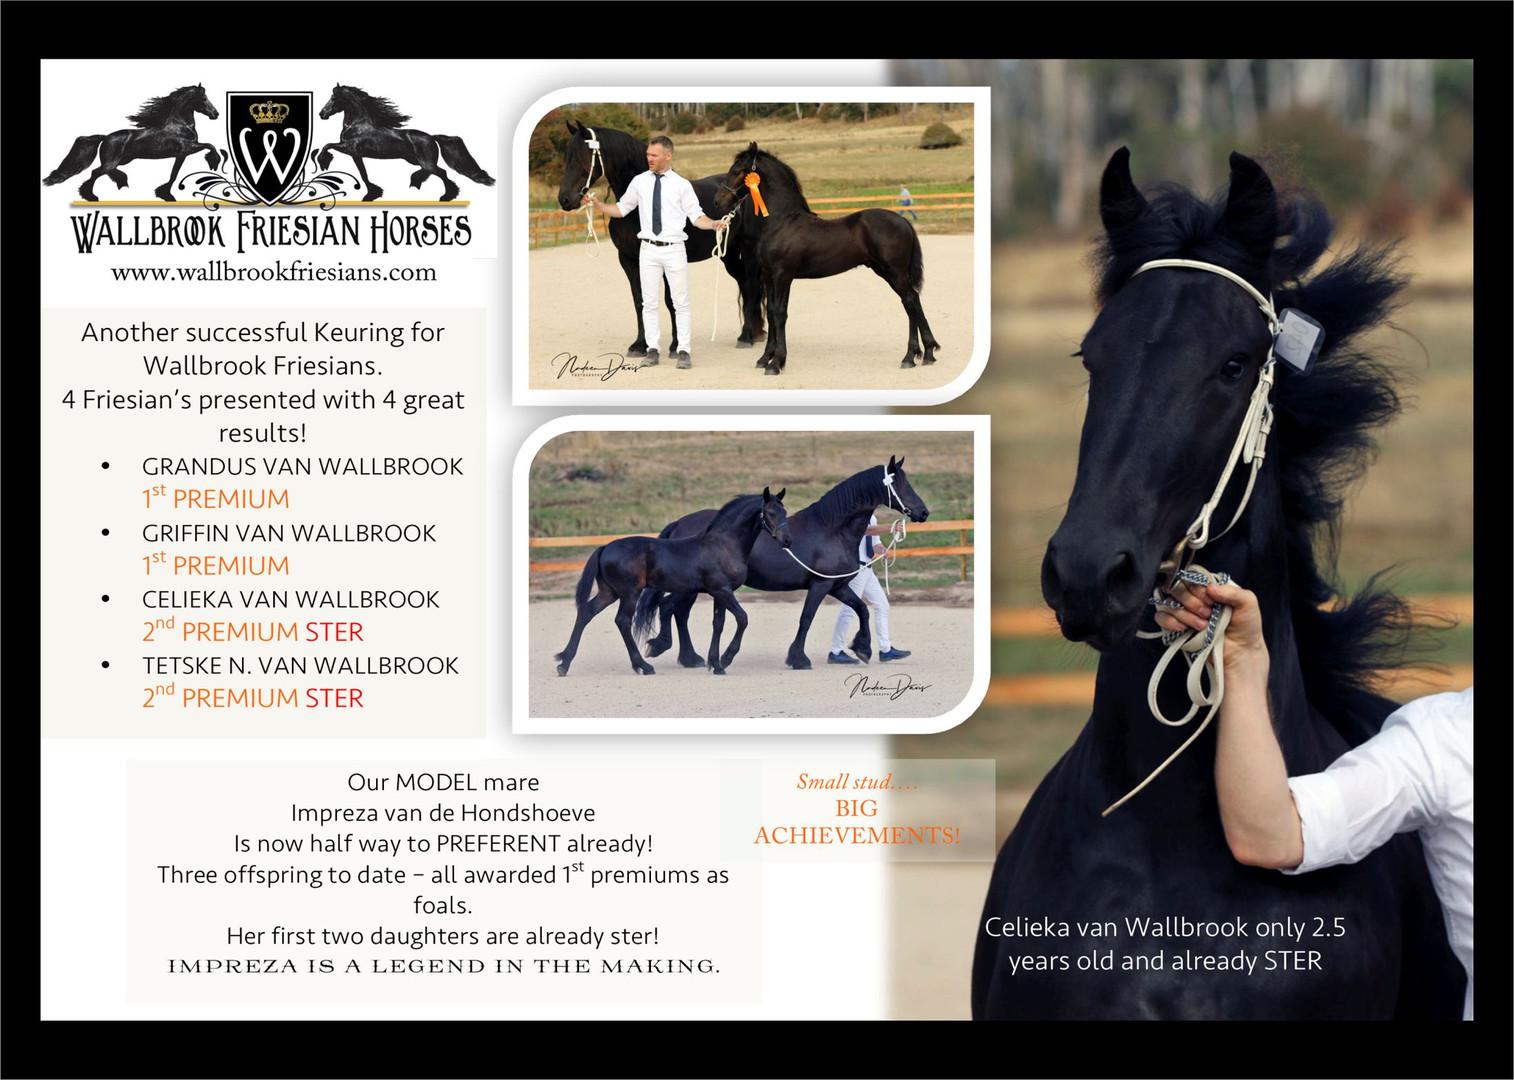 Wallbrook Friesian Horses